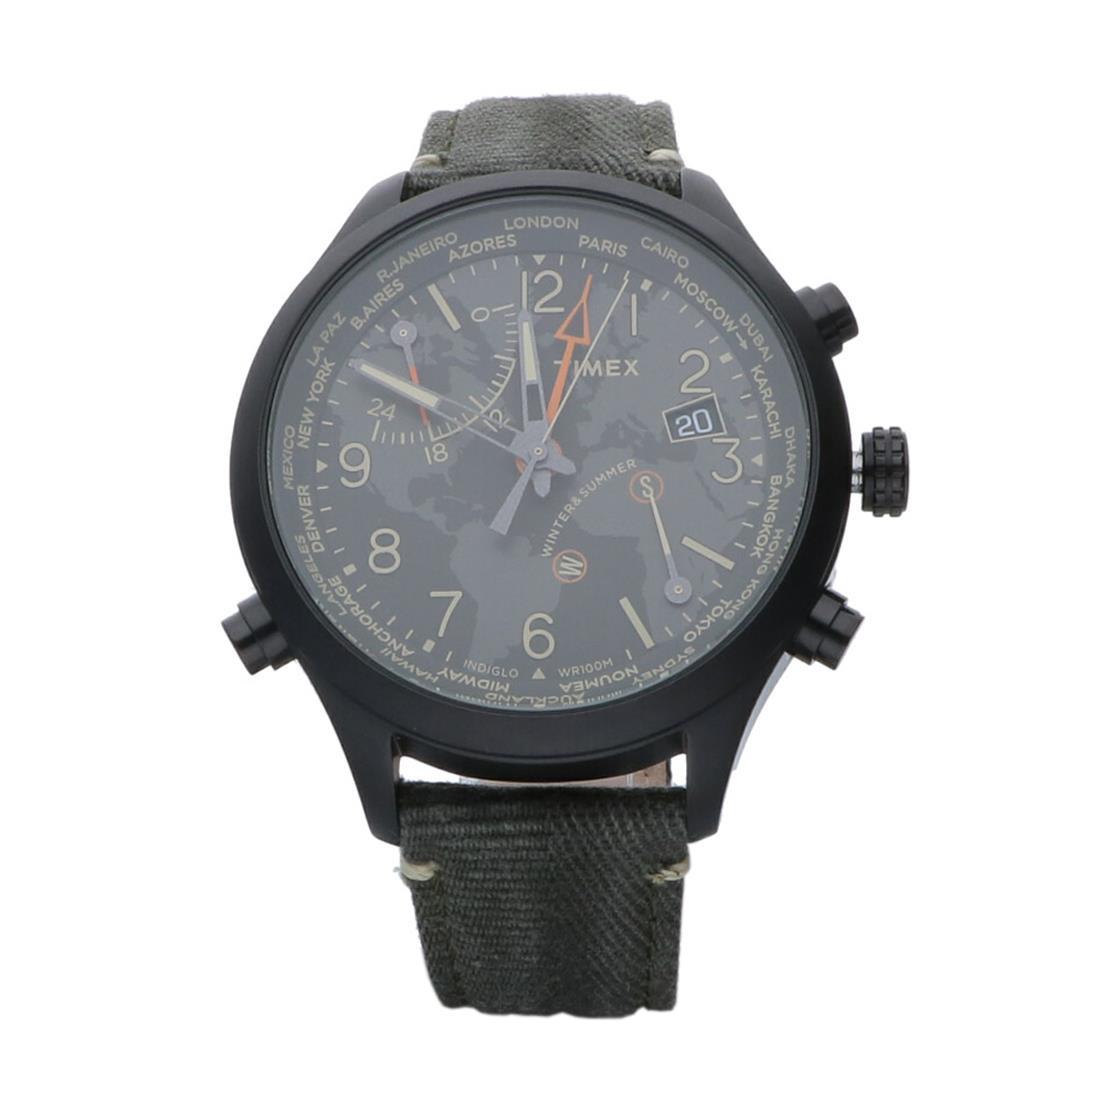 Man watch 44 mm case - TIMEX